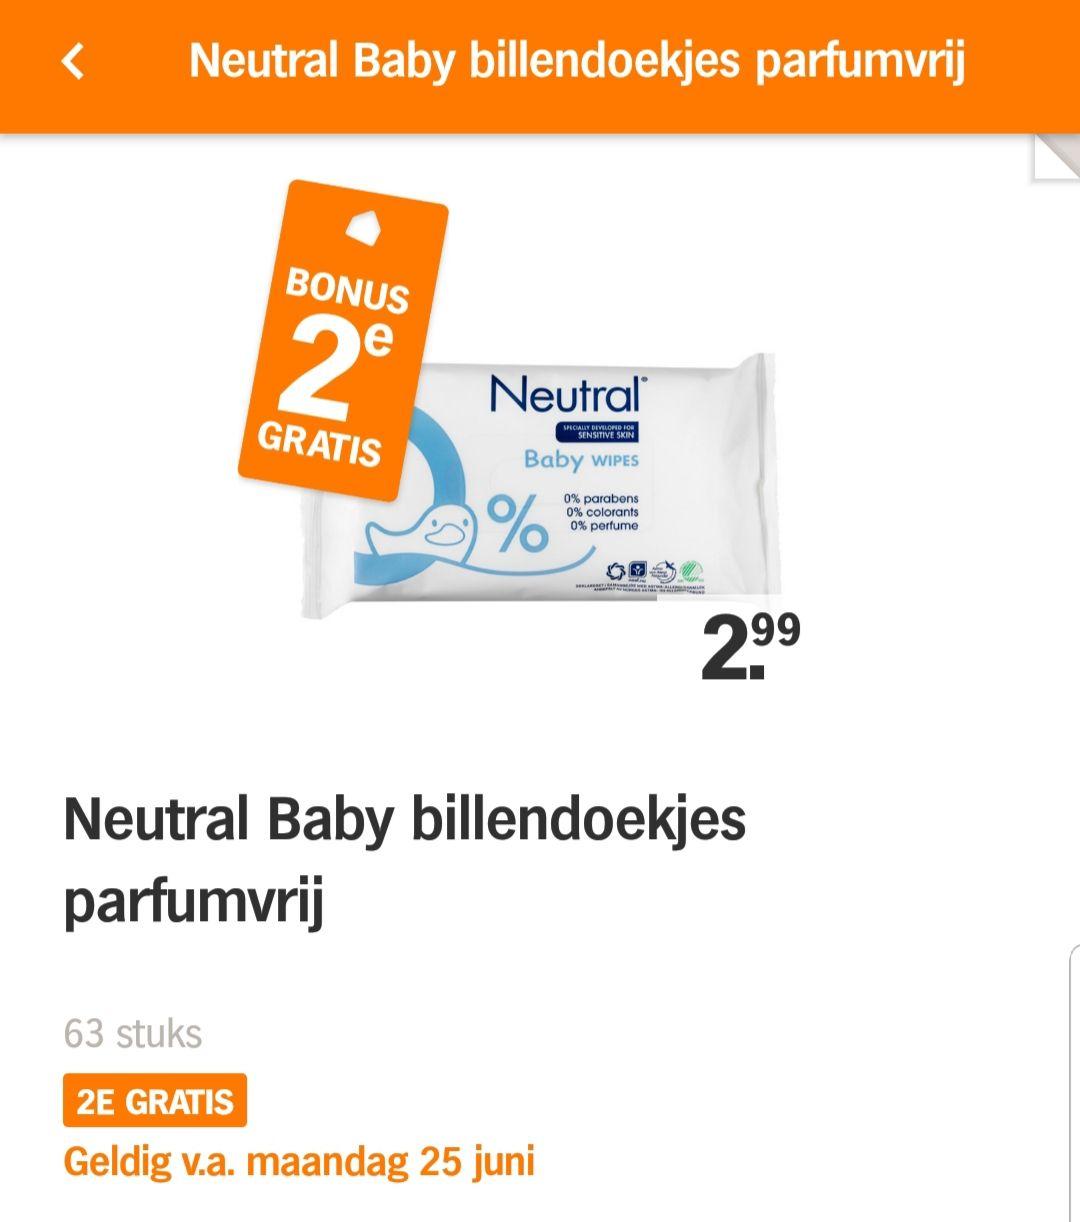 Neutral baby billendoekjes parfumvrij 2 voor €2,99